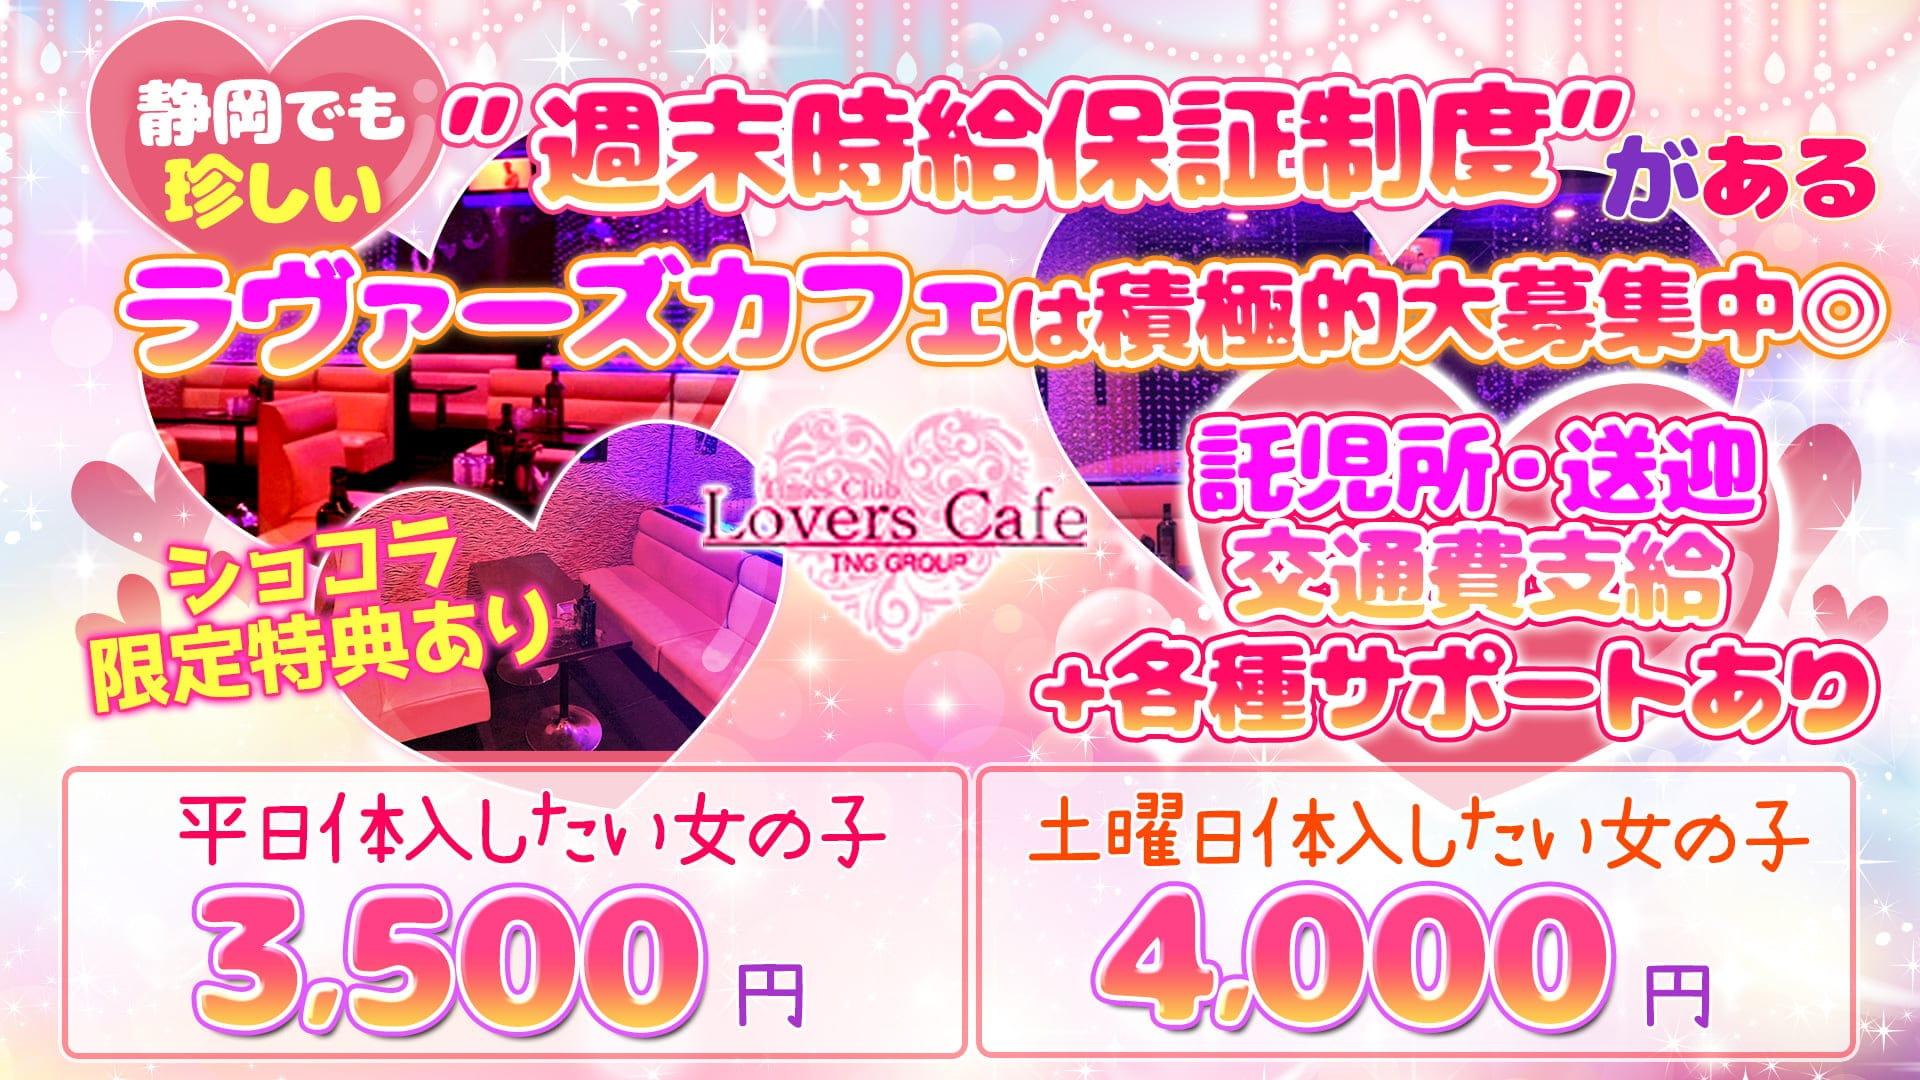 """【焼津駅南口】""""カジュアルキャバクラ"""" Lover's Cafe(ラヴァーズカフェ) 藤枝キャバクラ TOP画像"""